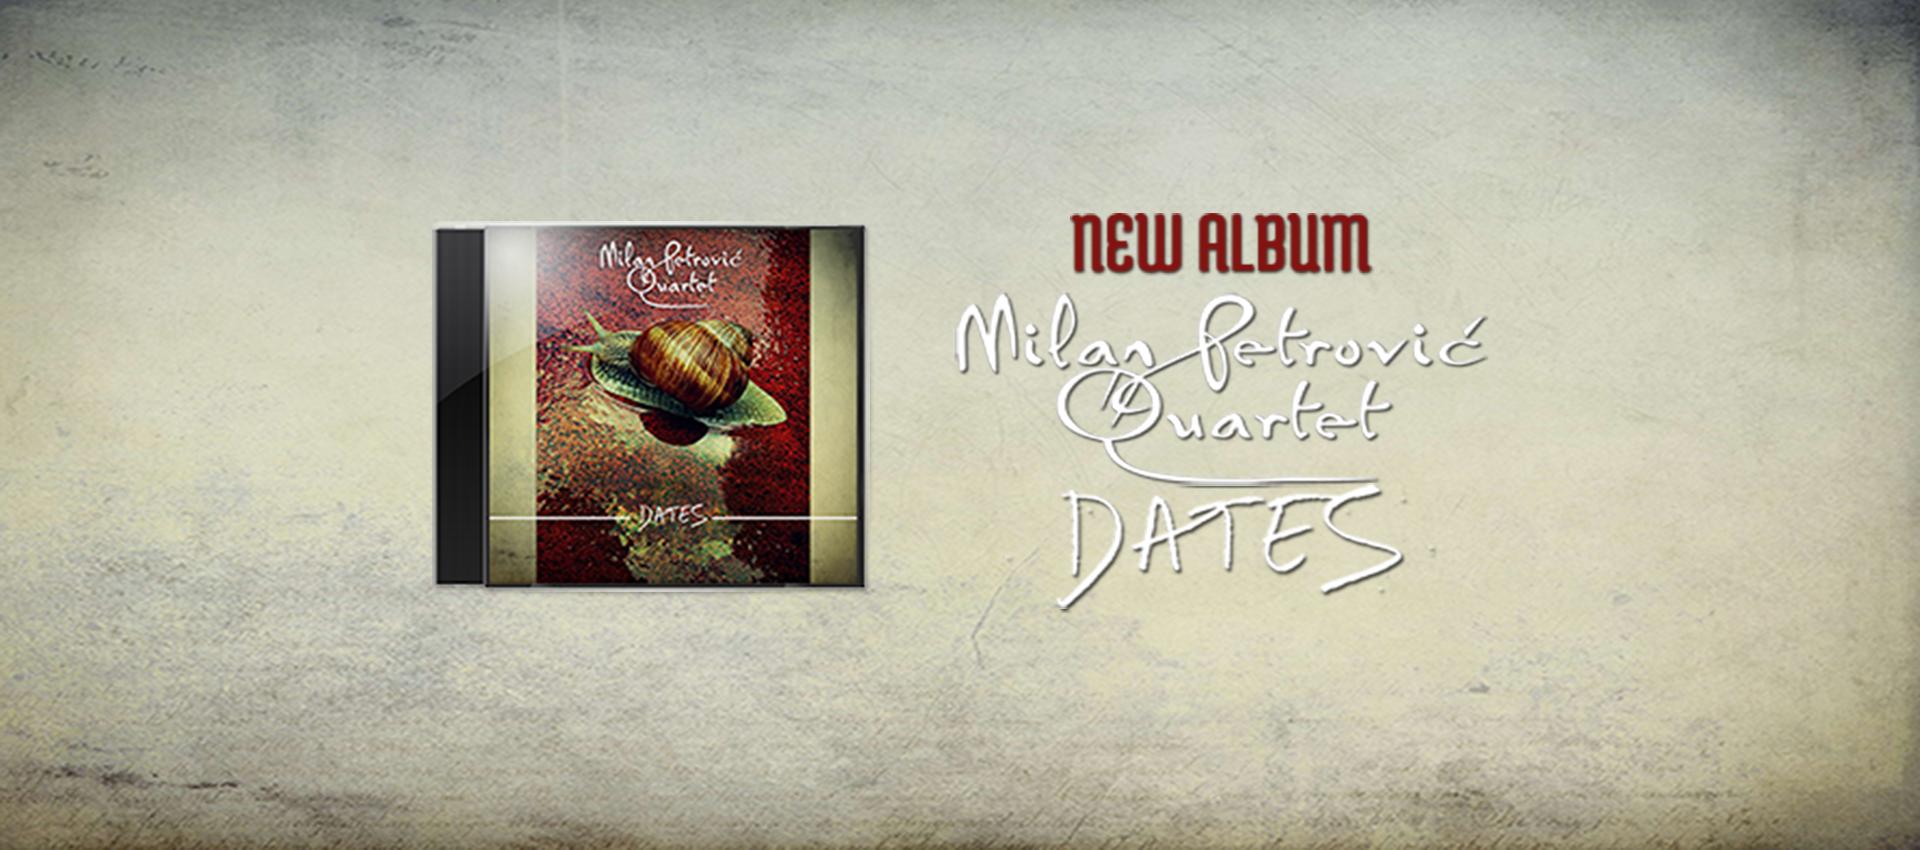 Milan Petrovic Quartet - album- Dates